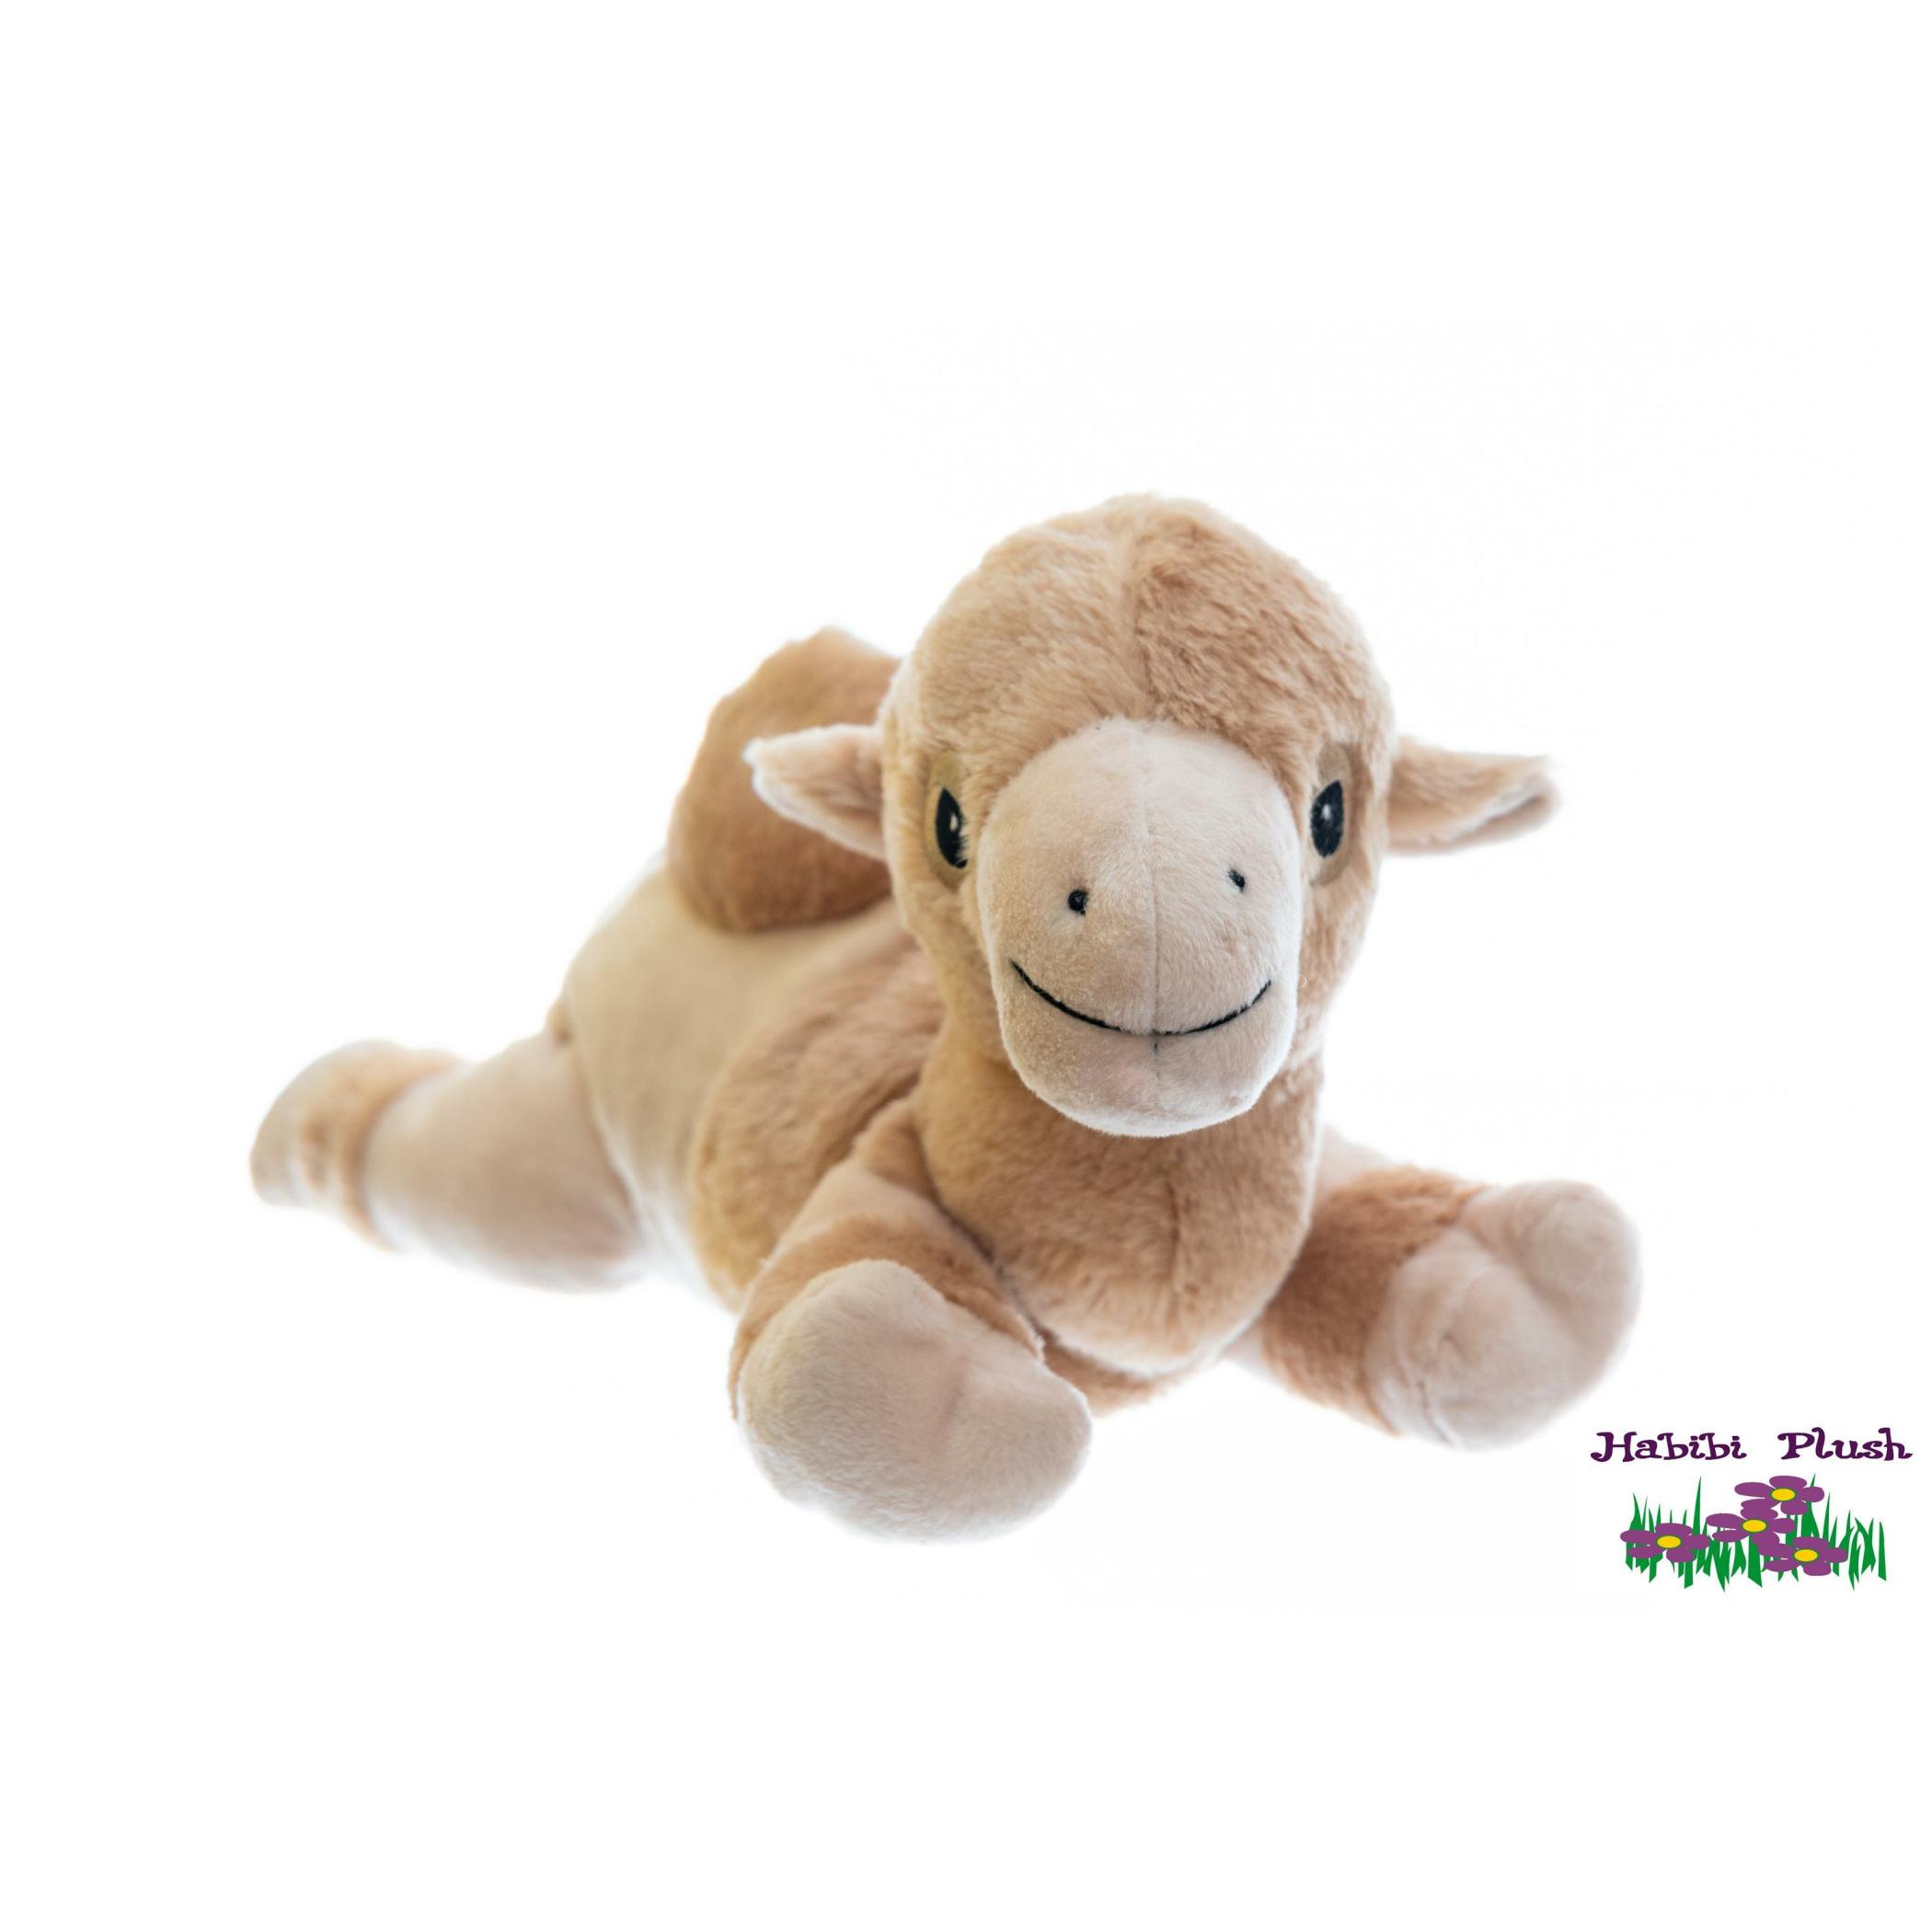 Habibi Plush : Baby Kamel mit Klettverschluss